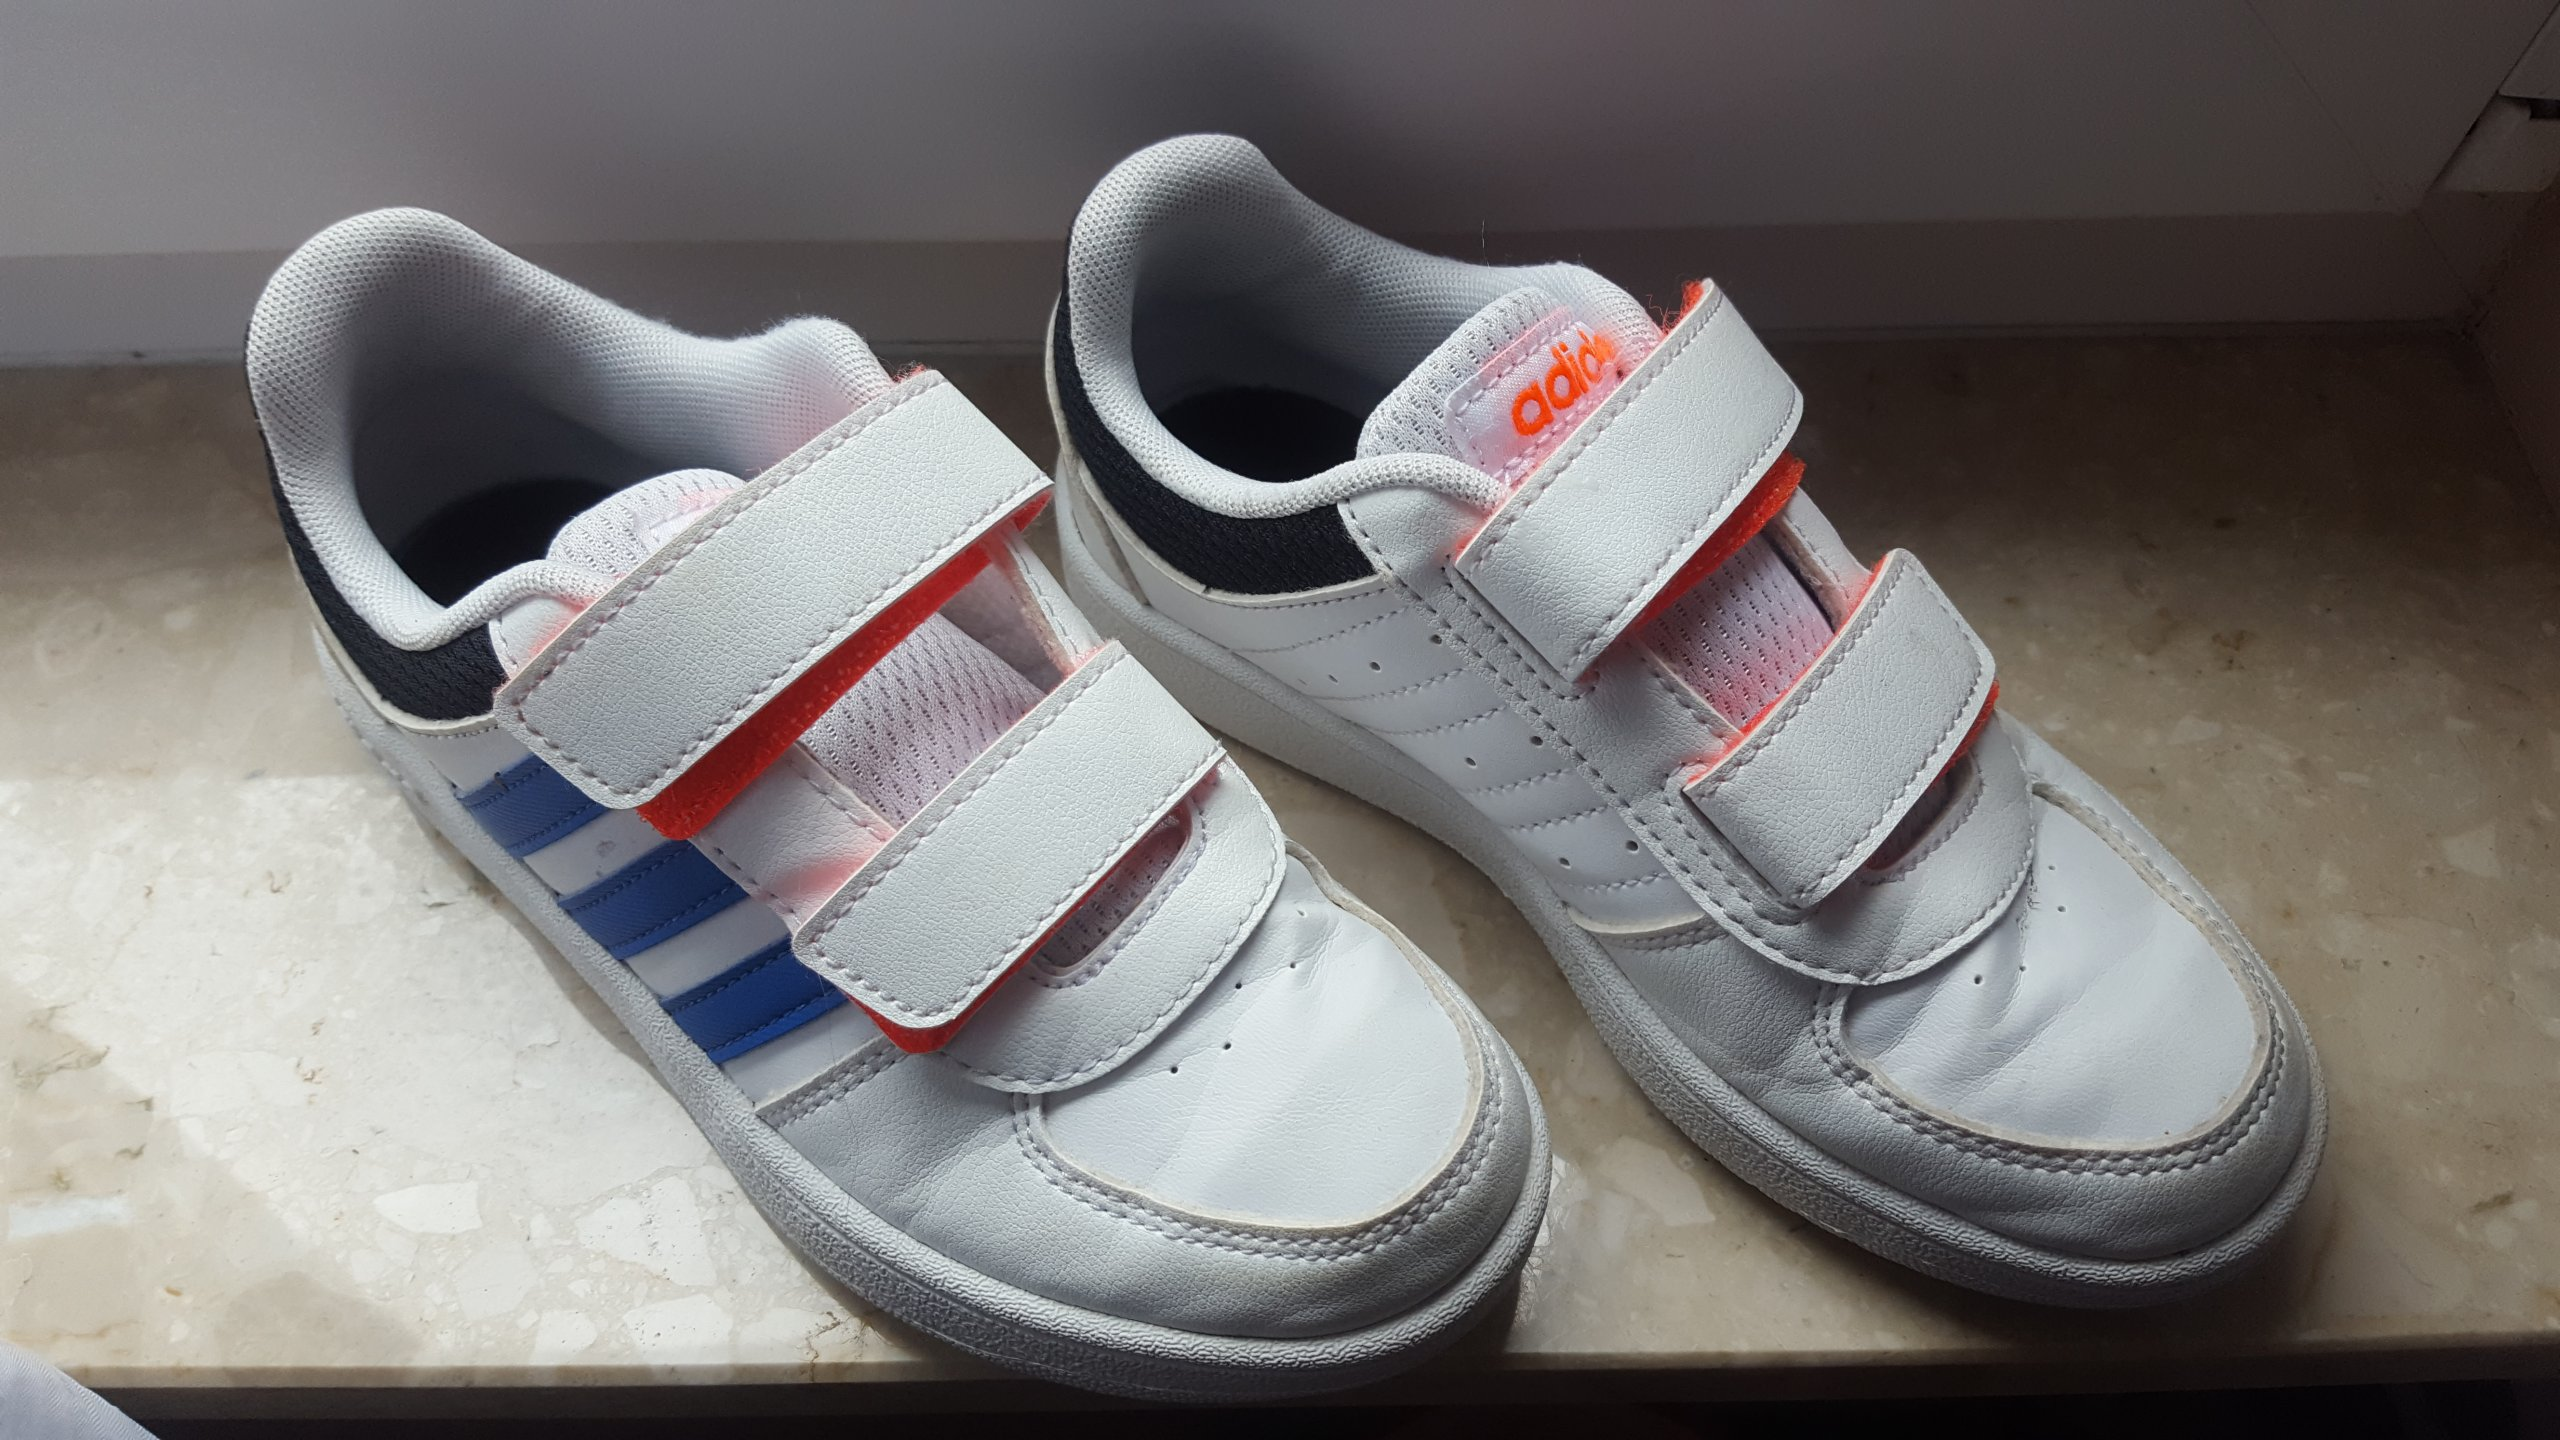 e8a4789a3 buty adidas?location=łódź w Oficjalnym Archiwum Allegro - archiwum ofert